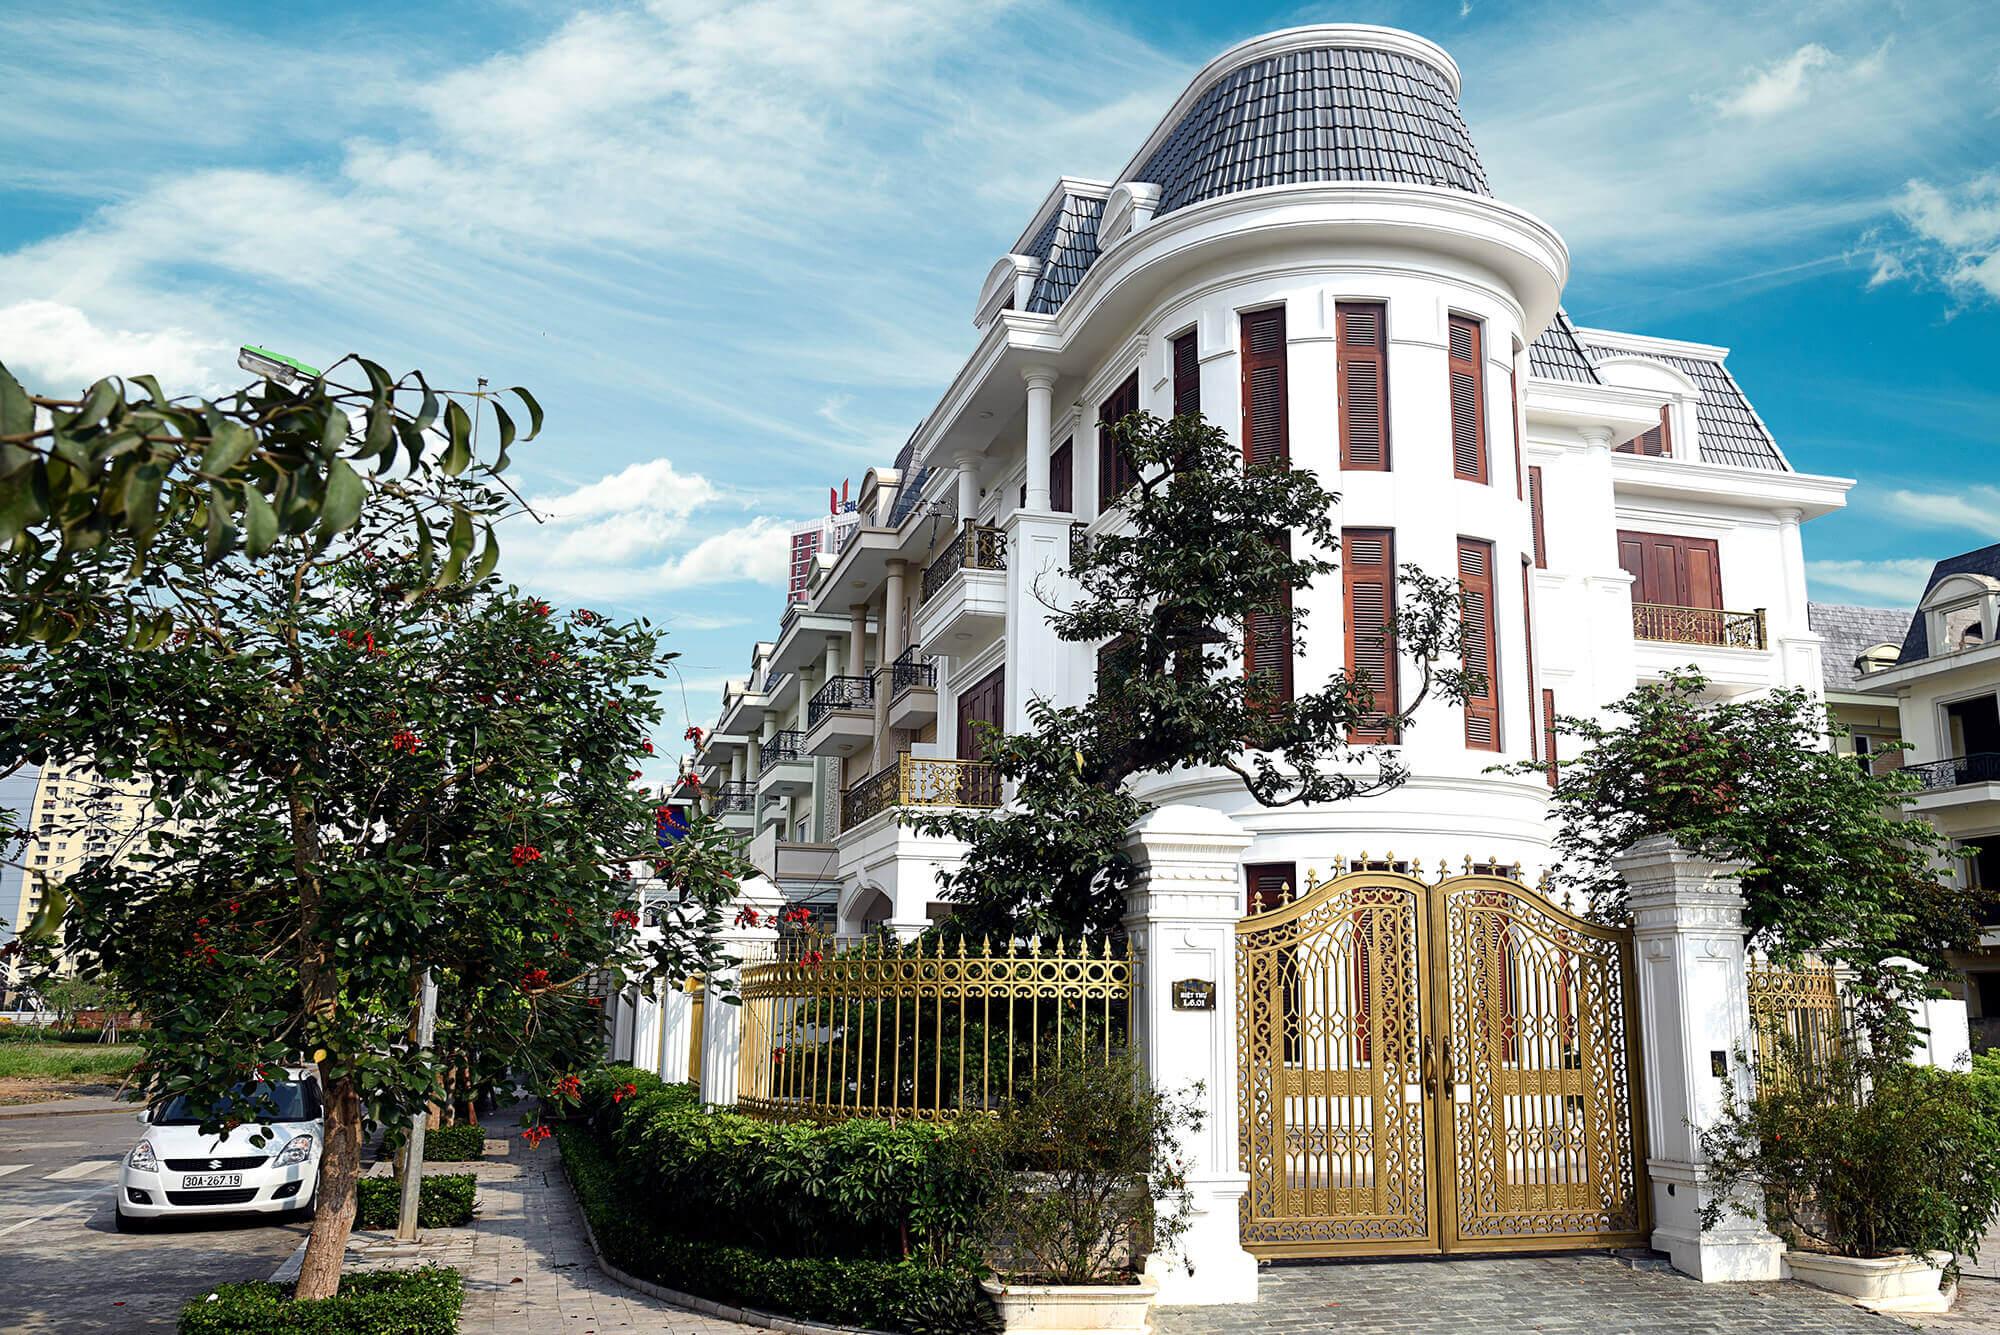 Giá bán biệt thự An Khang dao động từ 12 - 35 tỷ